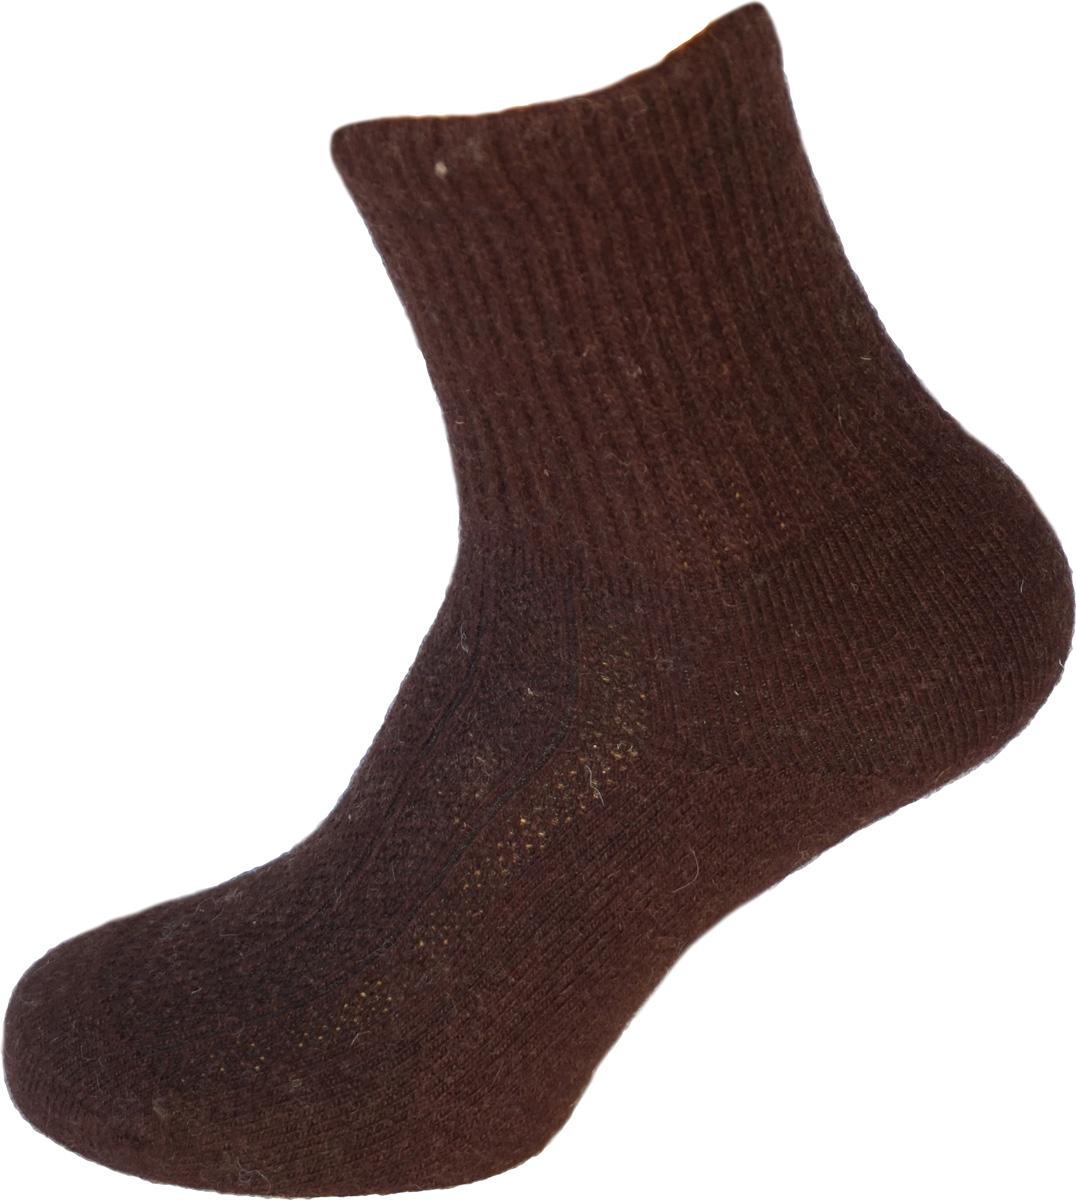 Термоноски BG Yak Wool, цвет: темно-коричневый. 825586_4. Размер 43/44825586_4Термоноски Yak Wool из шерсти яка с добавлением вискозы обладают высокой гигроскопичностью, быстро сохнут, хорошо сохраняют тепло, нейтрализуют неприятные запахи. Подходят для чувствительной кожи. Высокая износостойкость.